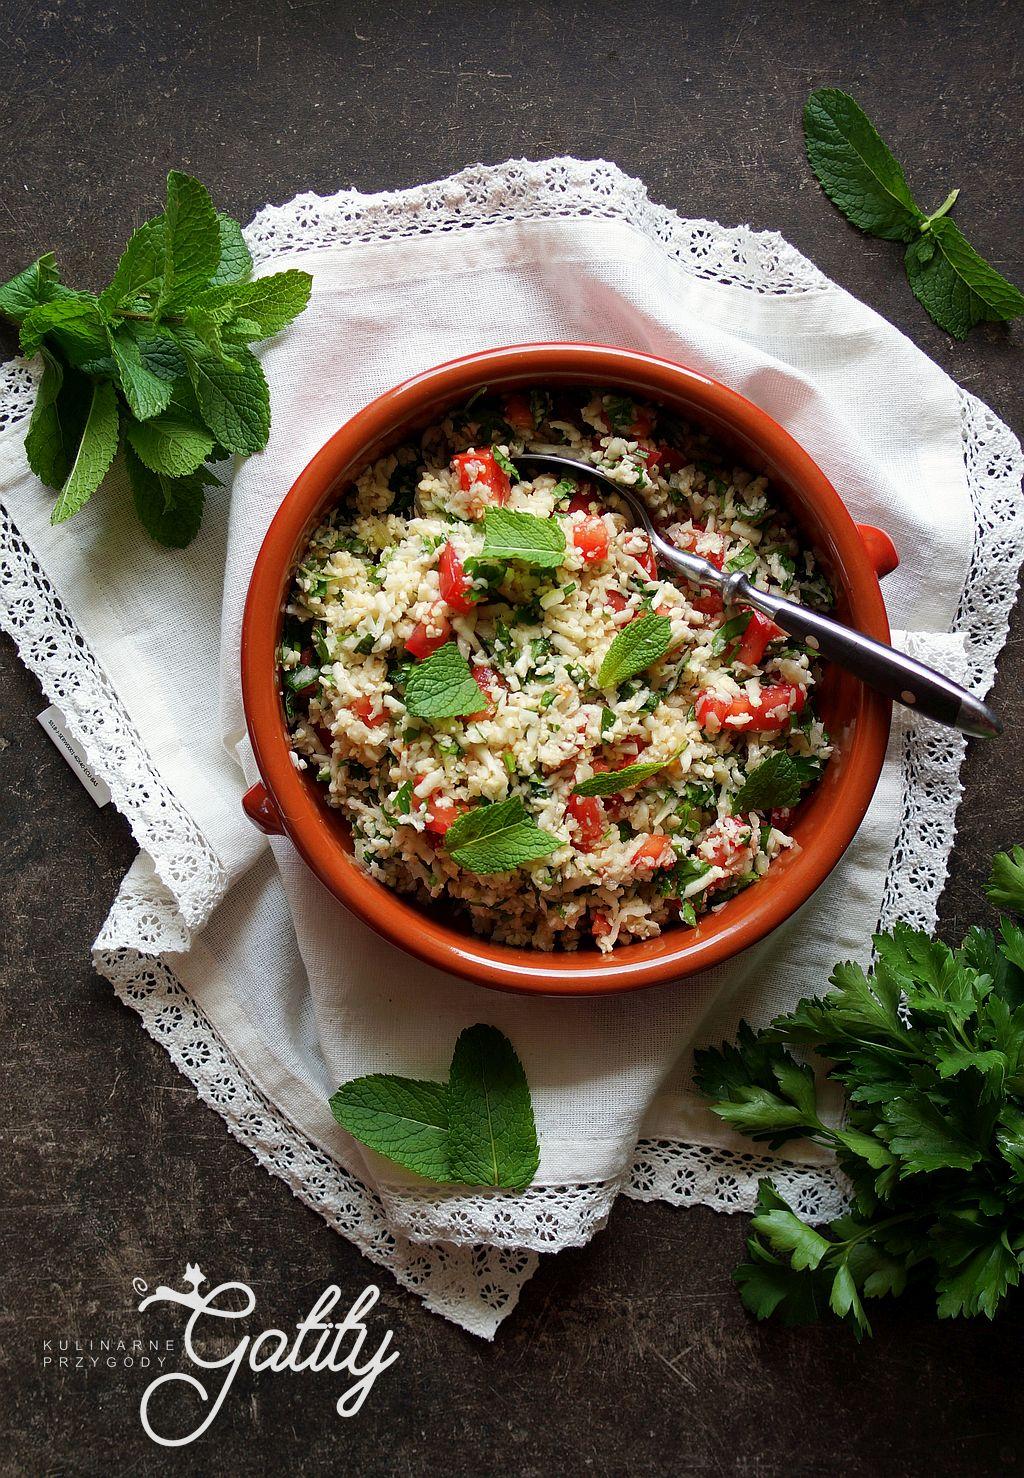 kolorowa-salatka-z-zielonymi-ziolami